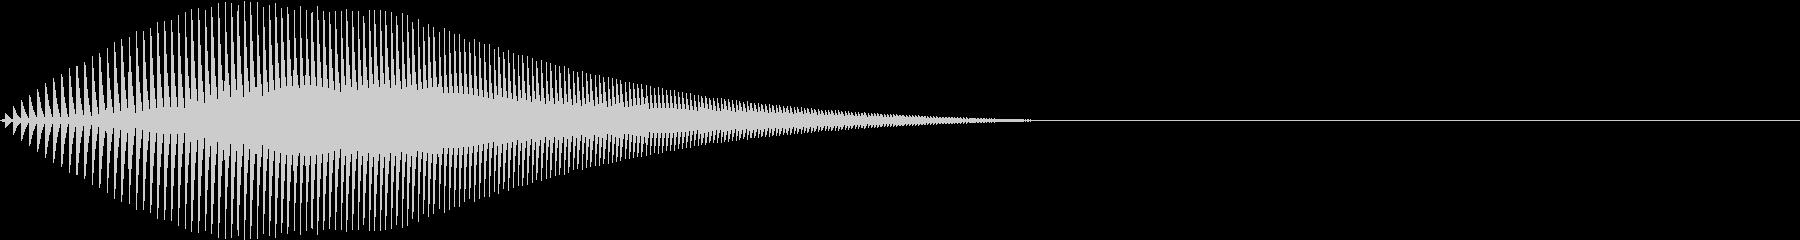 Mario マリオ風ジャンプ音 3の未再生の波形